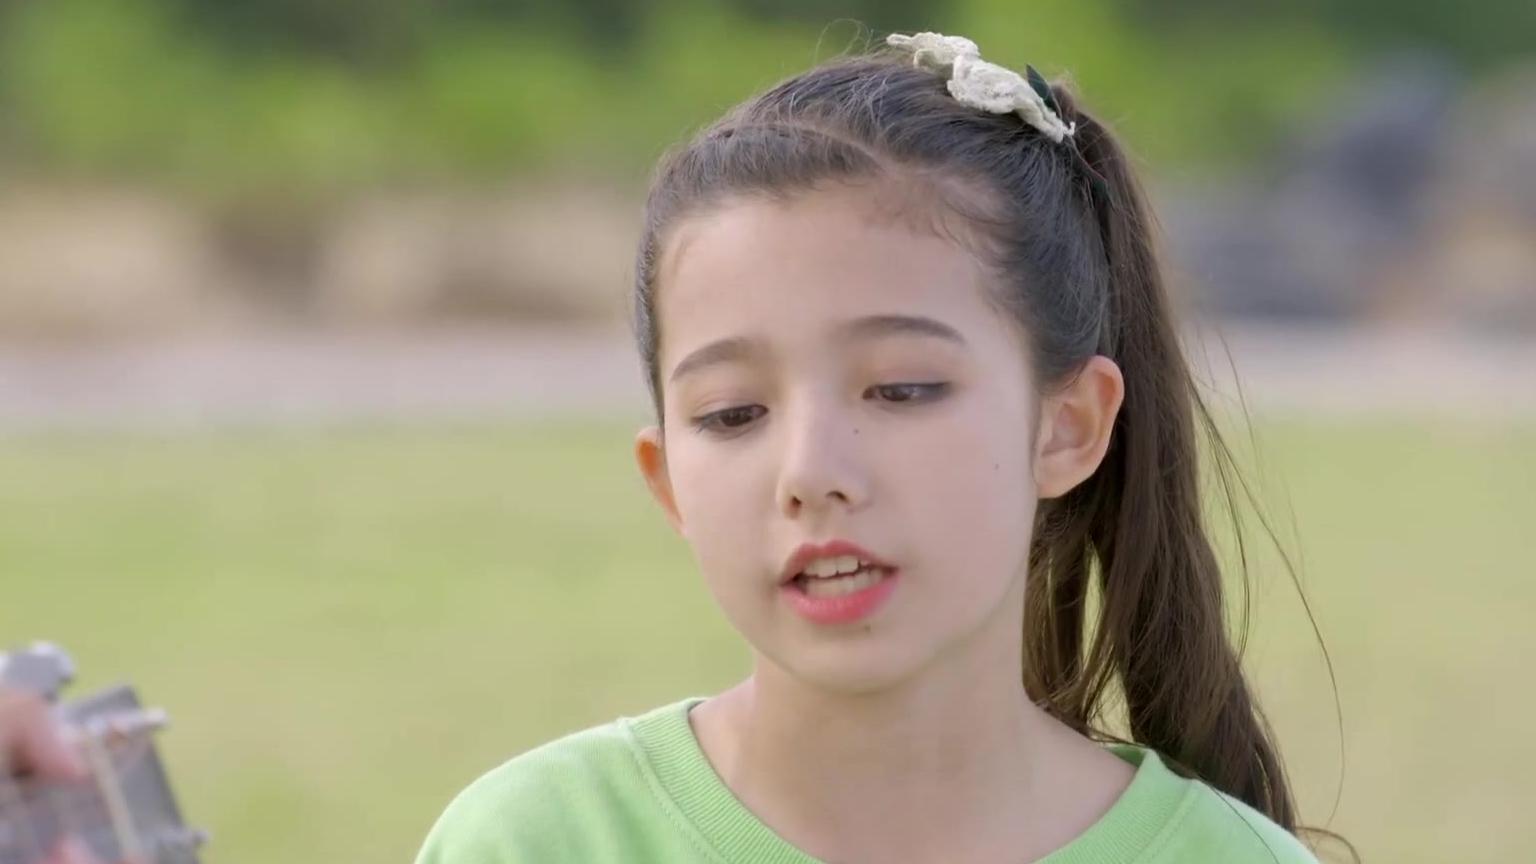 给大家看看法苏天女萌萌的素材原片吧(2)